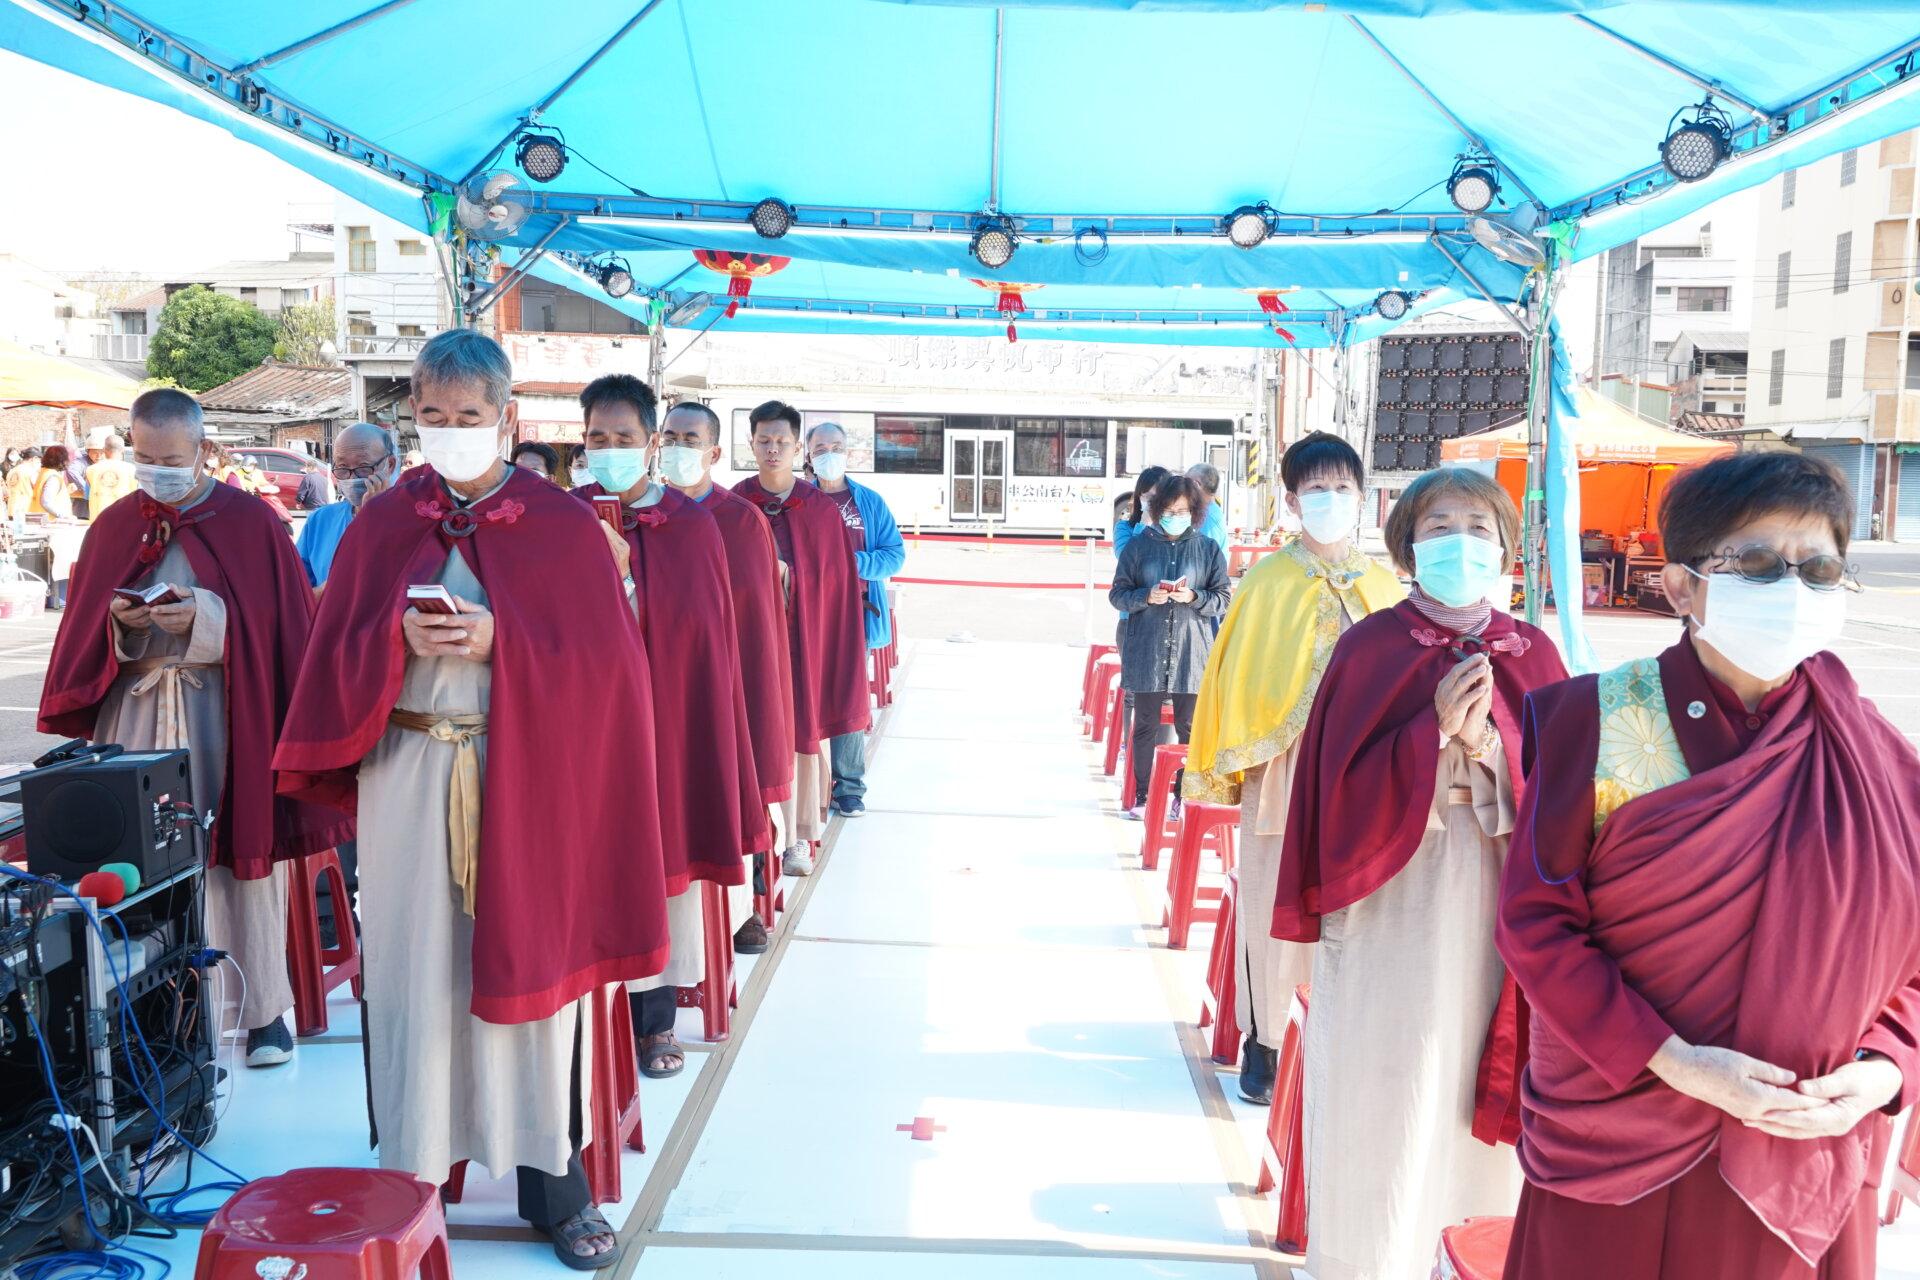 行動佛殿113站臺南鹽水,行動佛殿祈福法會